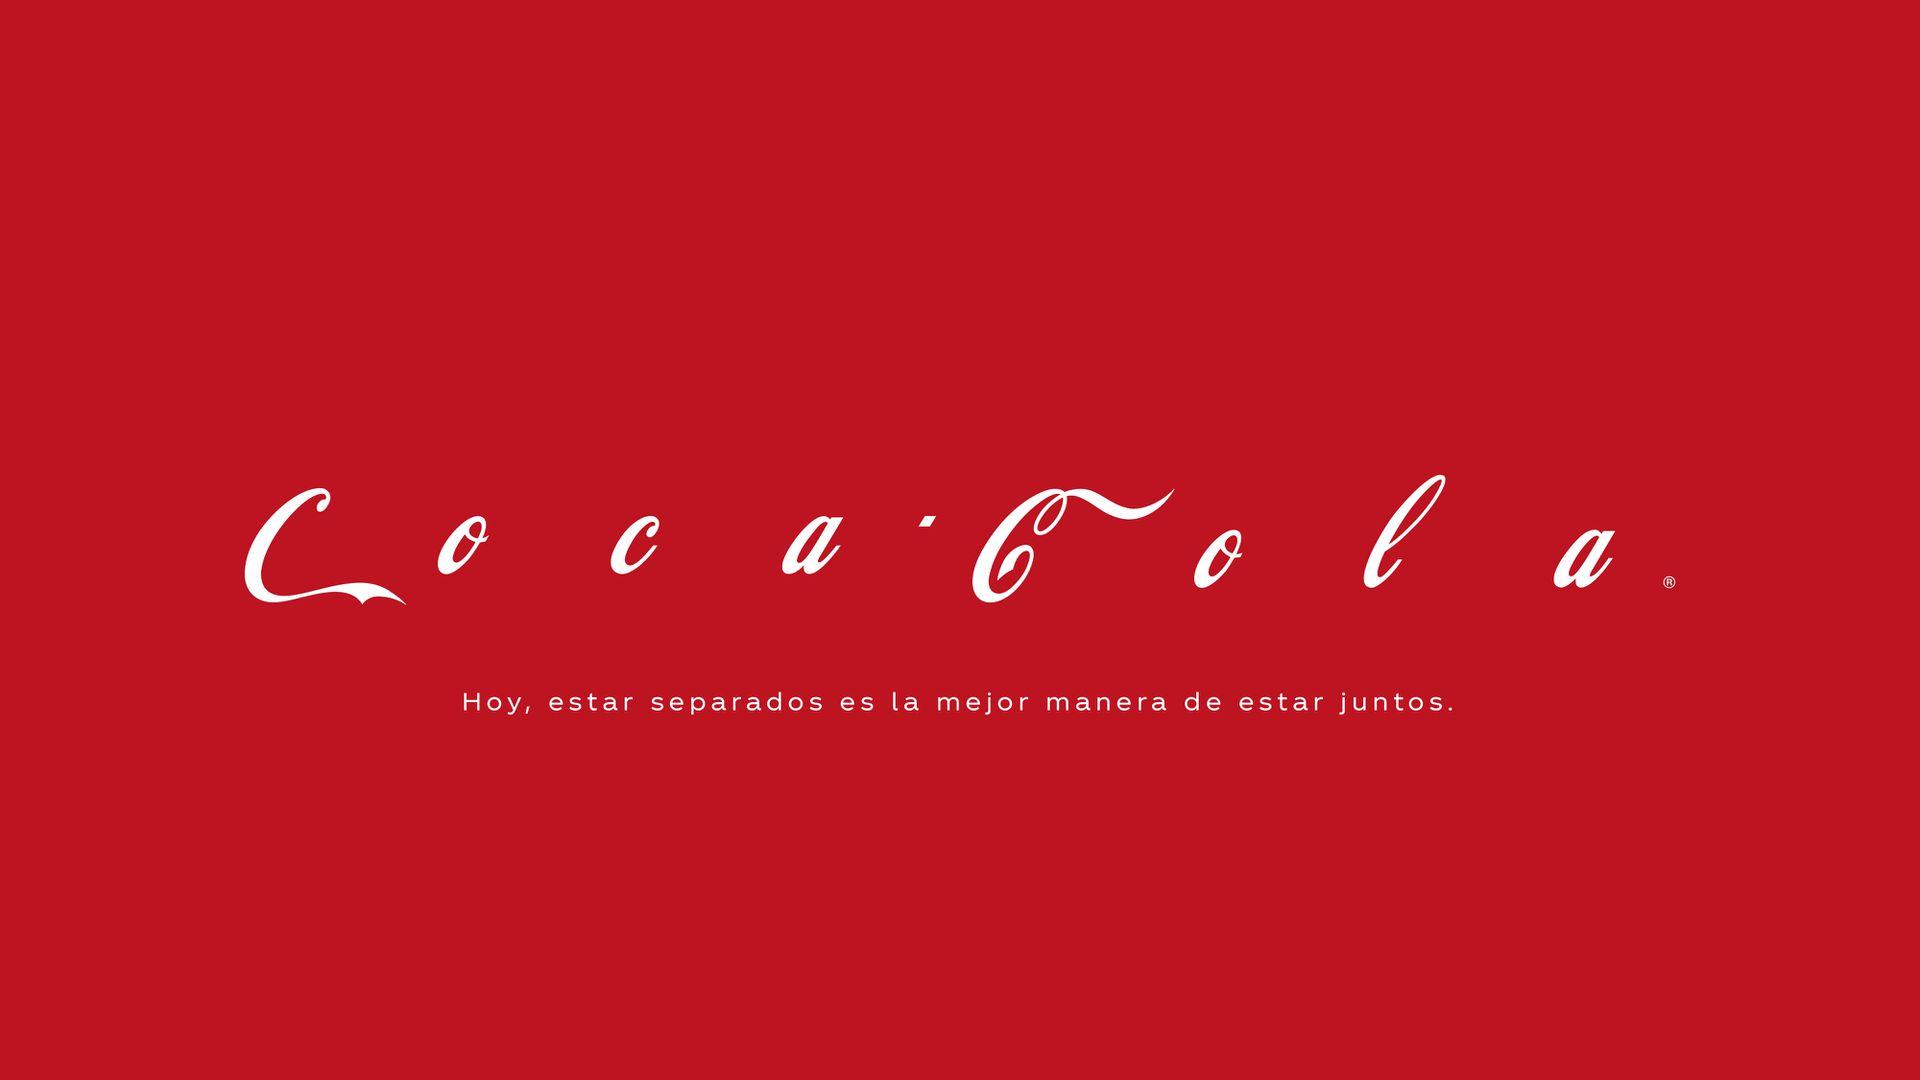 La distancia entre las letras de Coca Cola, todo un símbolo